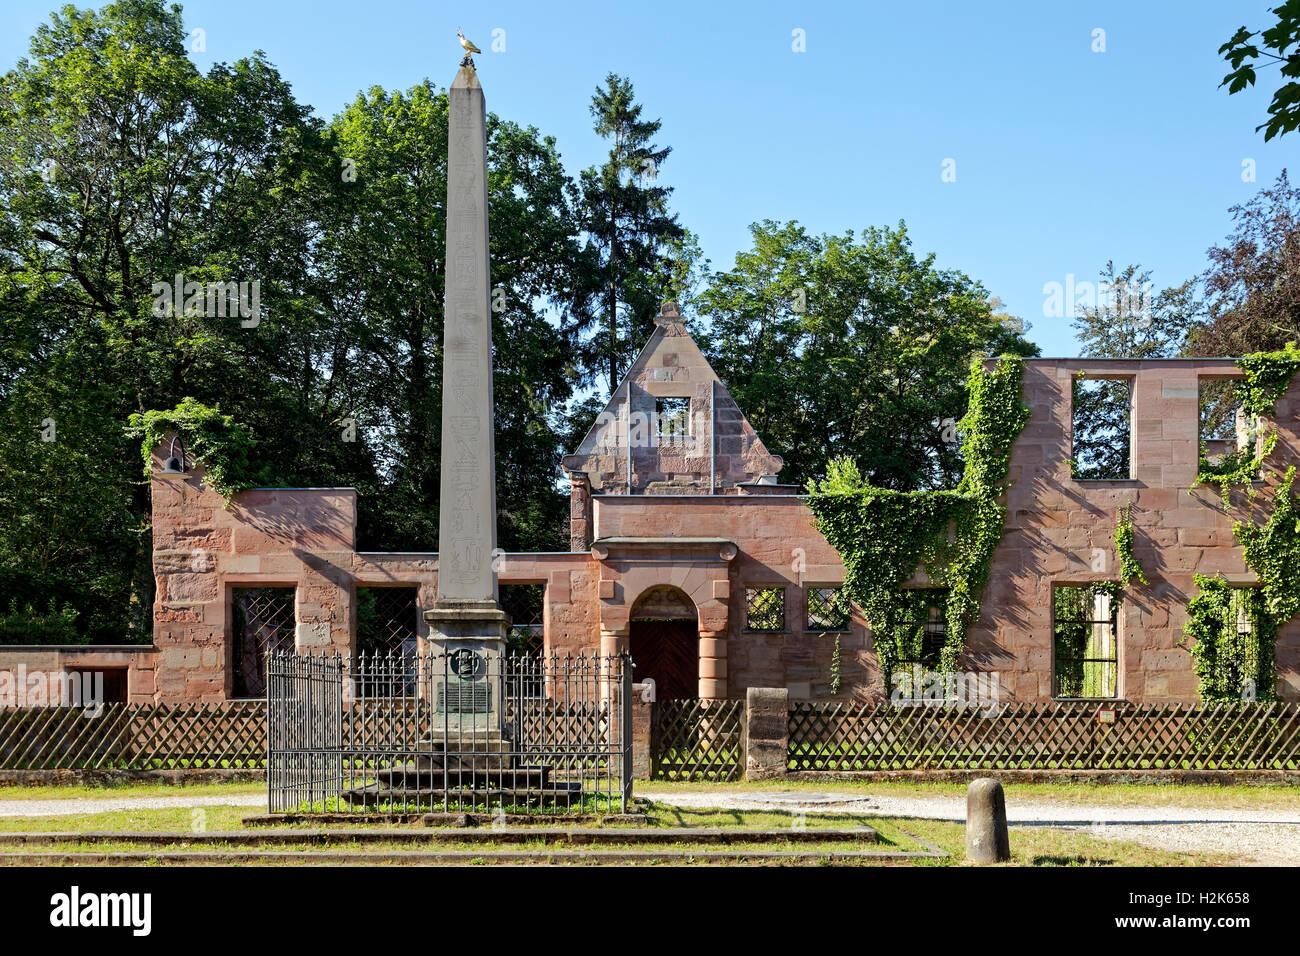 Obelisco con ruinas de la mansión de la familia de el martillo, el martillo, la histórica fábrica Imagen De Stock